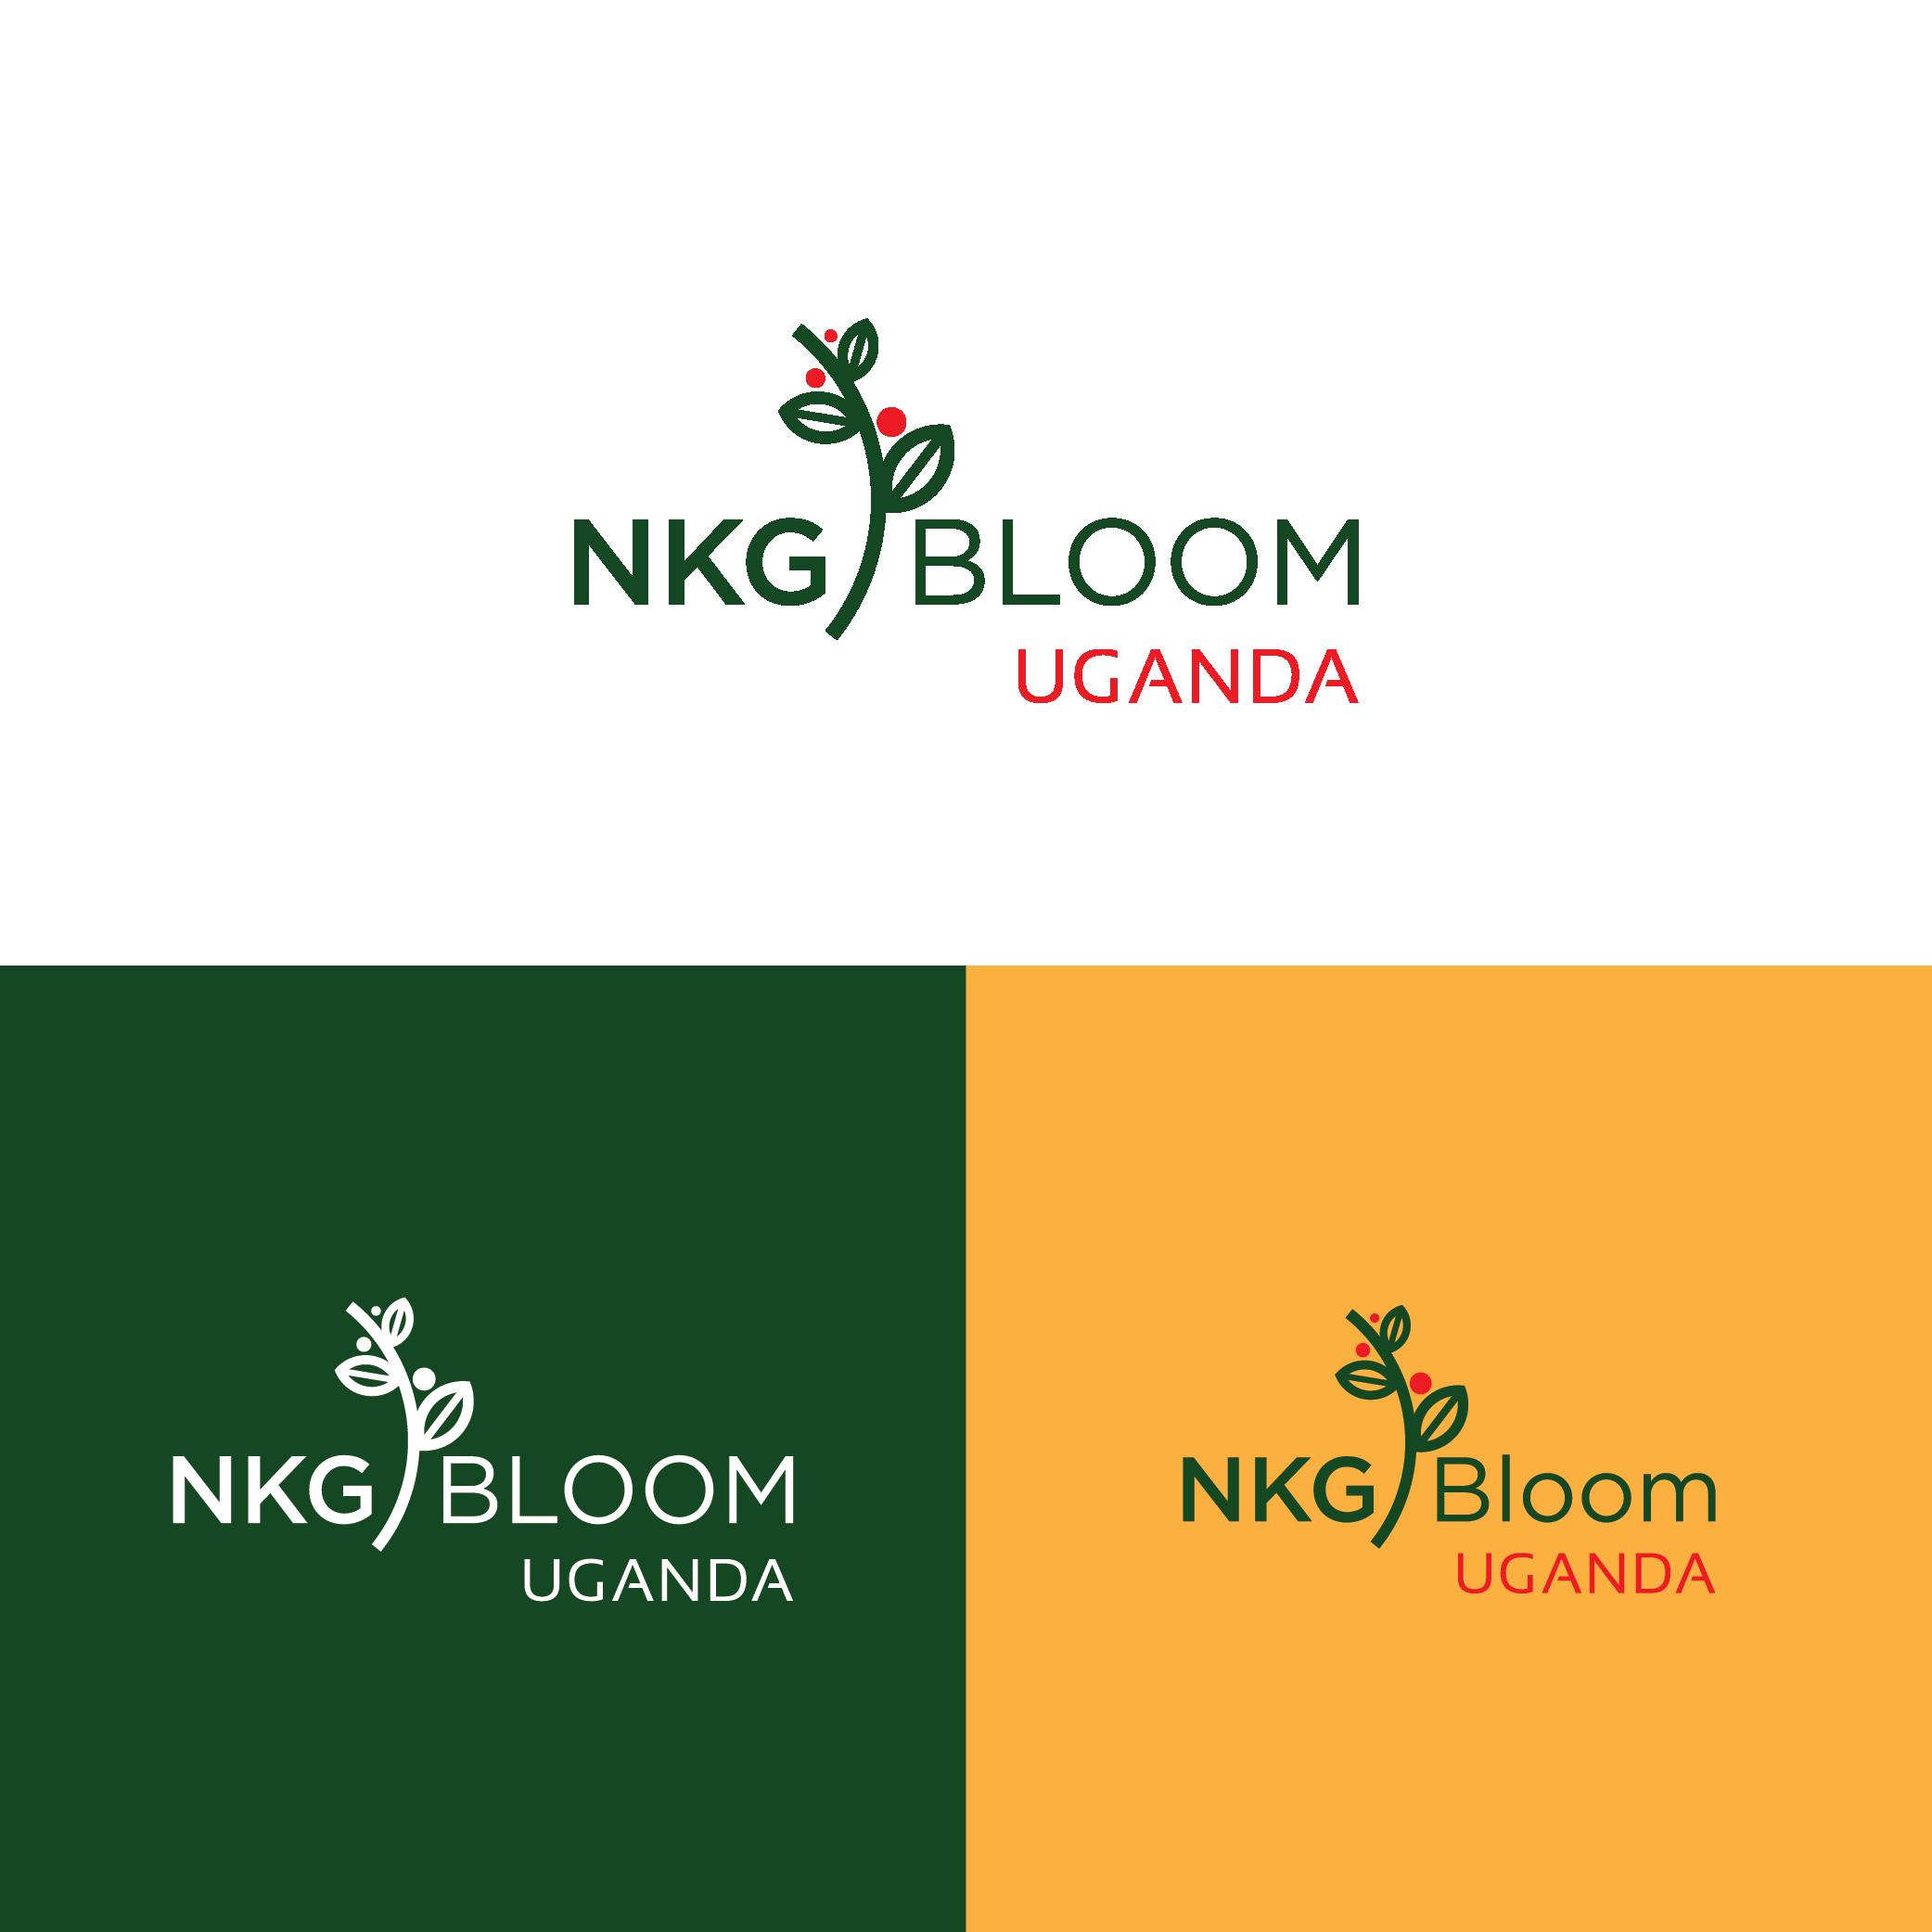 NKG Bloom Uganda